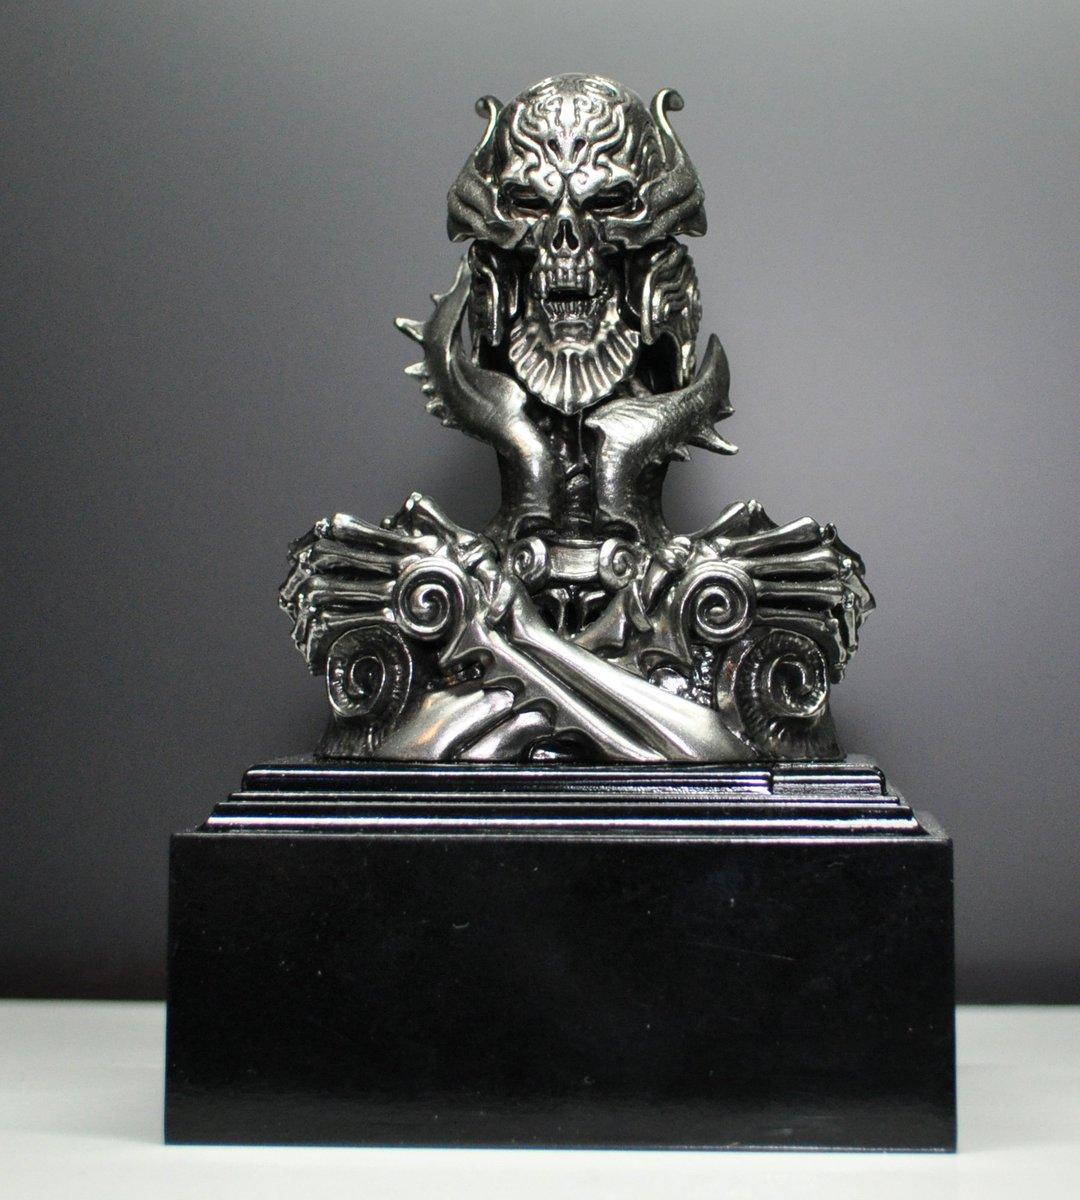 【 #魂大阪 なう!】『牙狼<GARO>』より「TAMASHII Lab 魔導輪 ザルバ」が10月発売決定!ギミックの詳